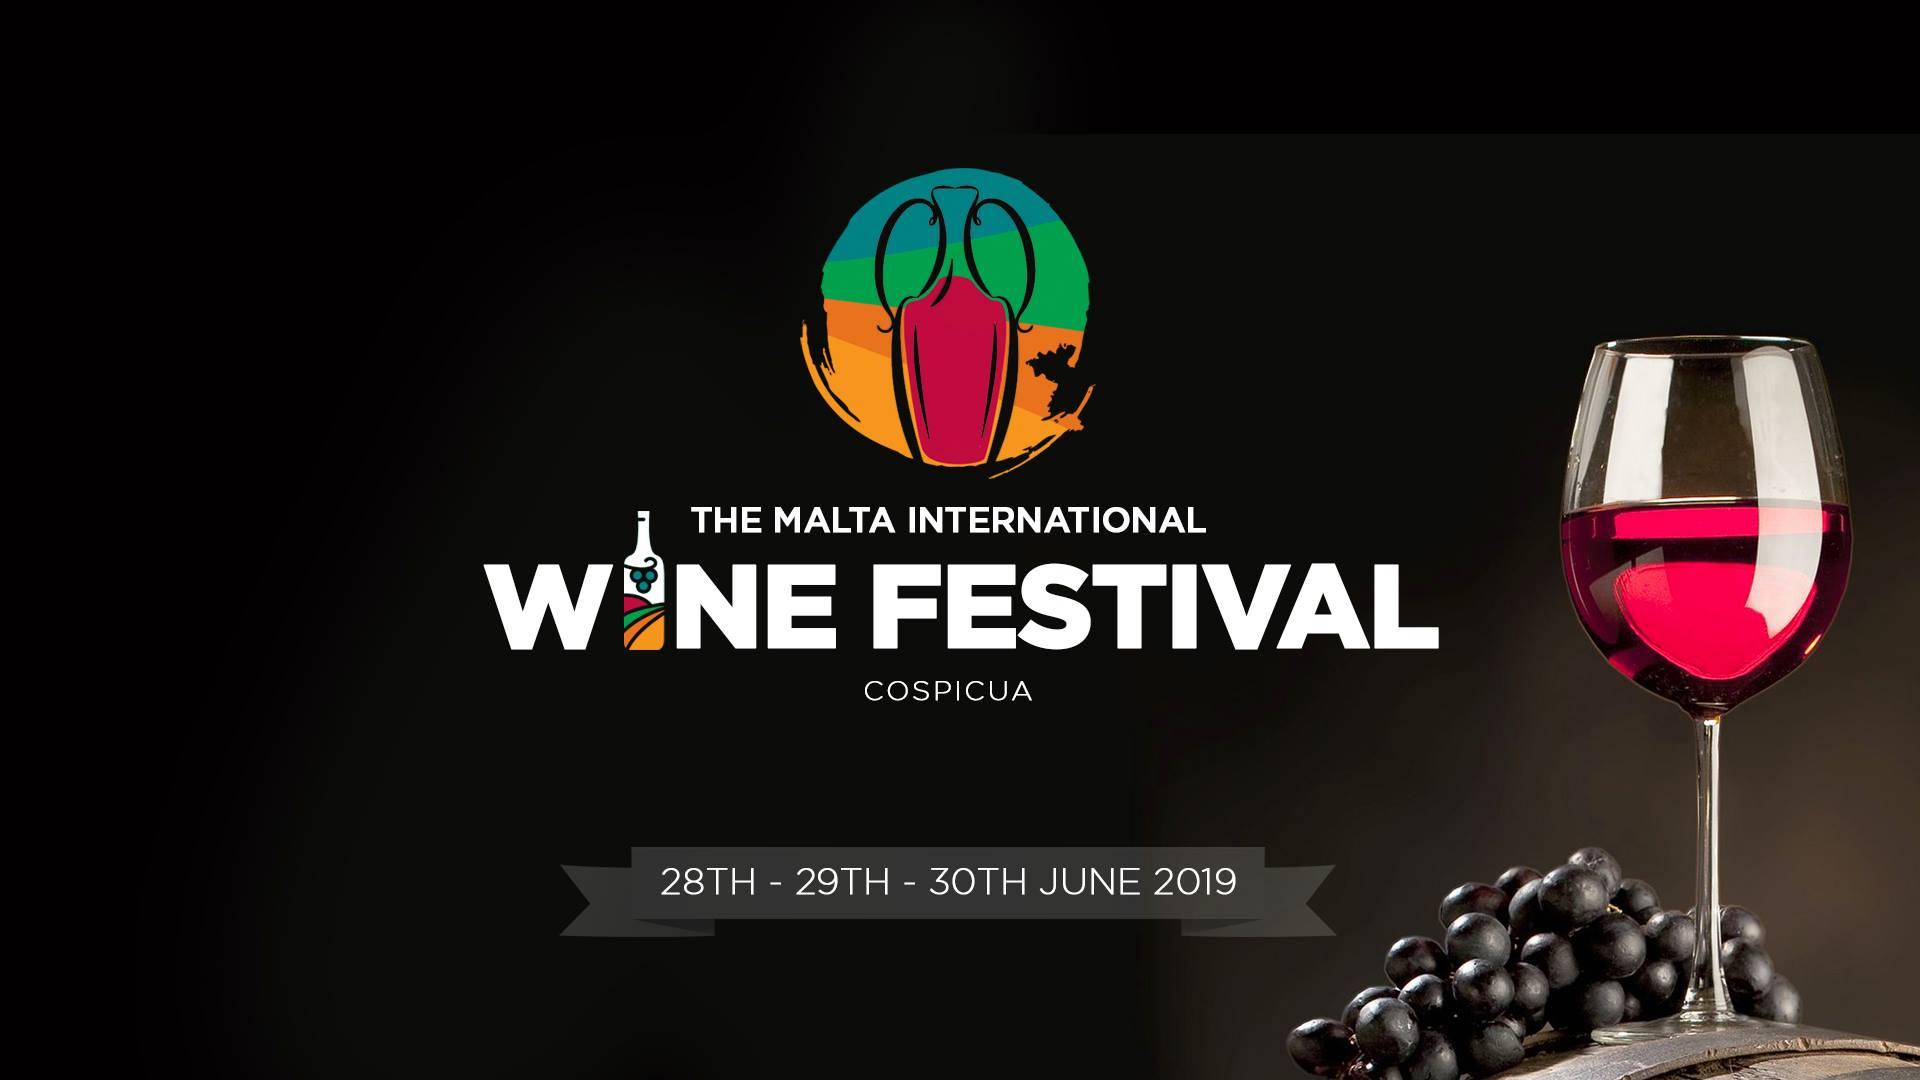 Malta International Wine Festival - locandina dell'evento